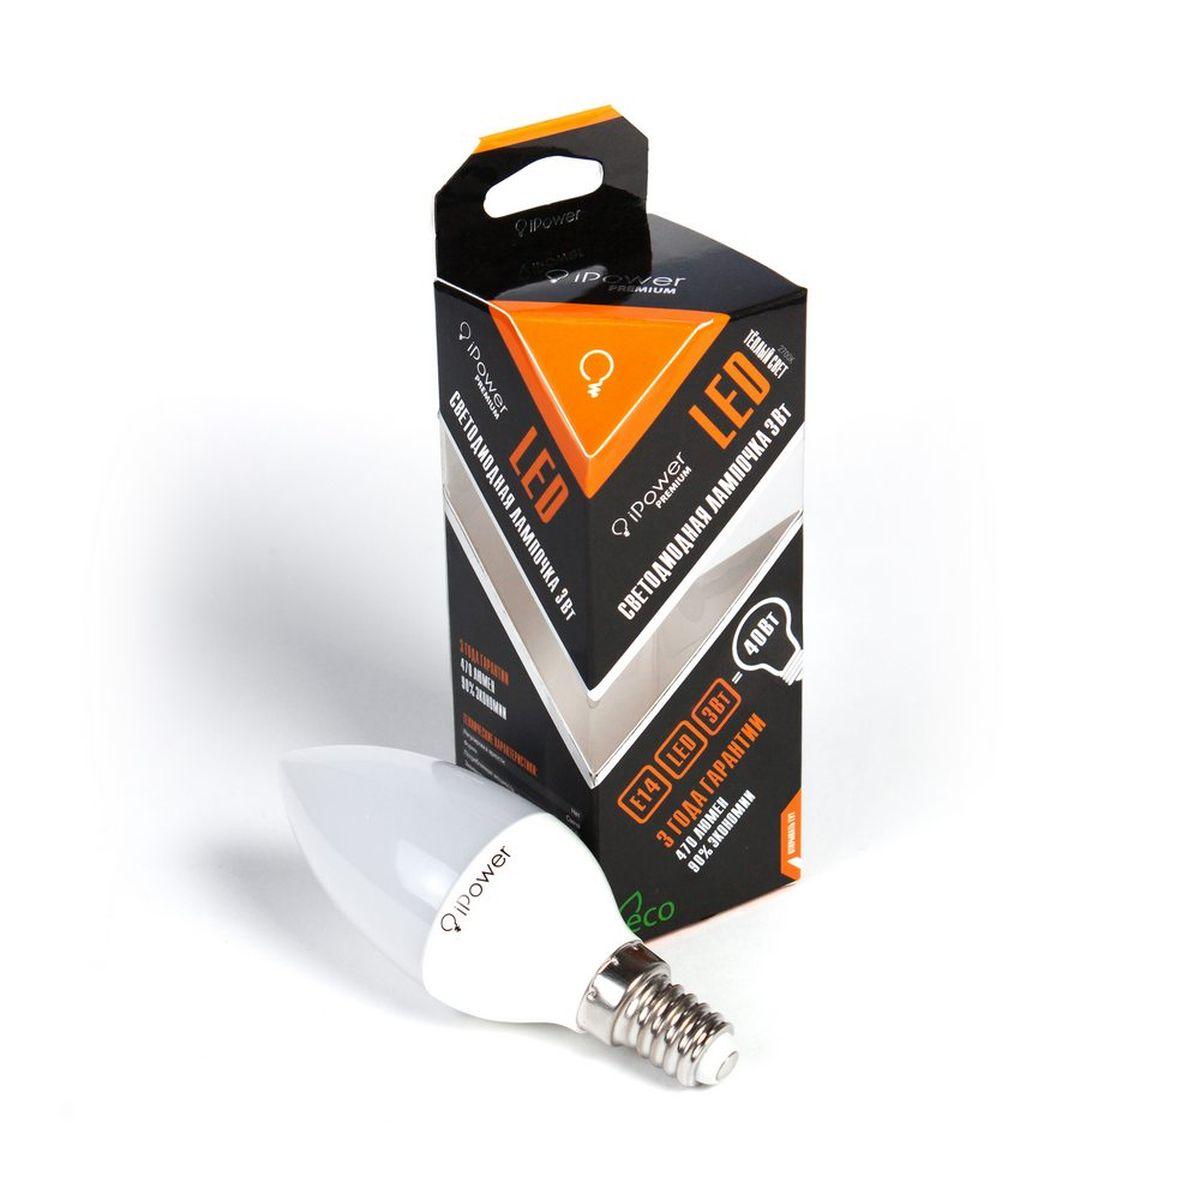 Лампа светодиодная iPower Premium, цоколь Е14, 3W, 2700К5055945502923Светодиодная лампа iPower Premium имеет очень низкое энергопотребление. В сравнении с лампами накаливания LED потребляет в 12 разменьше электричества, а в сравнении с энергосберегающими - в 2-4 раза меньше. При этом срок службы LED лампочки в 5 раз выше, чемэнергосберегающей, и в 50 раз выше, чем у лампы накаливания. Светодиодная лампа iPower Premium создает мягкий рассеивающий свет безмерцаний, что совершенно безопасно для глаз. Она специально разработана по требованиям российских и европейских законов и подходит ковсем осветительным устройствам, совместимым со стандартным цоколем E27. Использование светодиодов от мирового лидера Epistar - этозалог надежной и стабильной работы лампы. Теплый оттенок света лампы по световой температуре соответствует обычной лампе накаливания ипозволит создать уют в доме и местах отдыха.Диапазон рабочих температур от -50°С до +50 °СМатериал: алюминий, поликарбонат.Потребляемая мощность: 3 Вт.Рабочее напряжение: 220В.Световая температура: 2700К (теплый свет).Срок службы: 50000 часов.Форма: свеча.Цоколь: миньон (E14).Эквивалент мощности лампы накаливания: 40 Вт.Яркость свечения: 250 Лм.